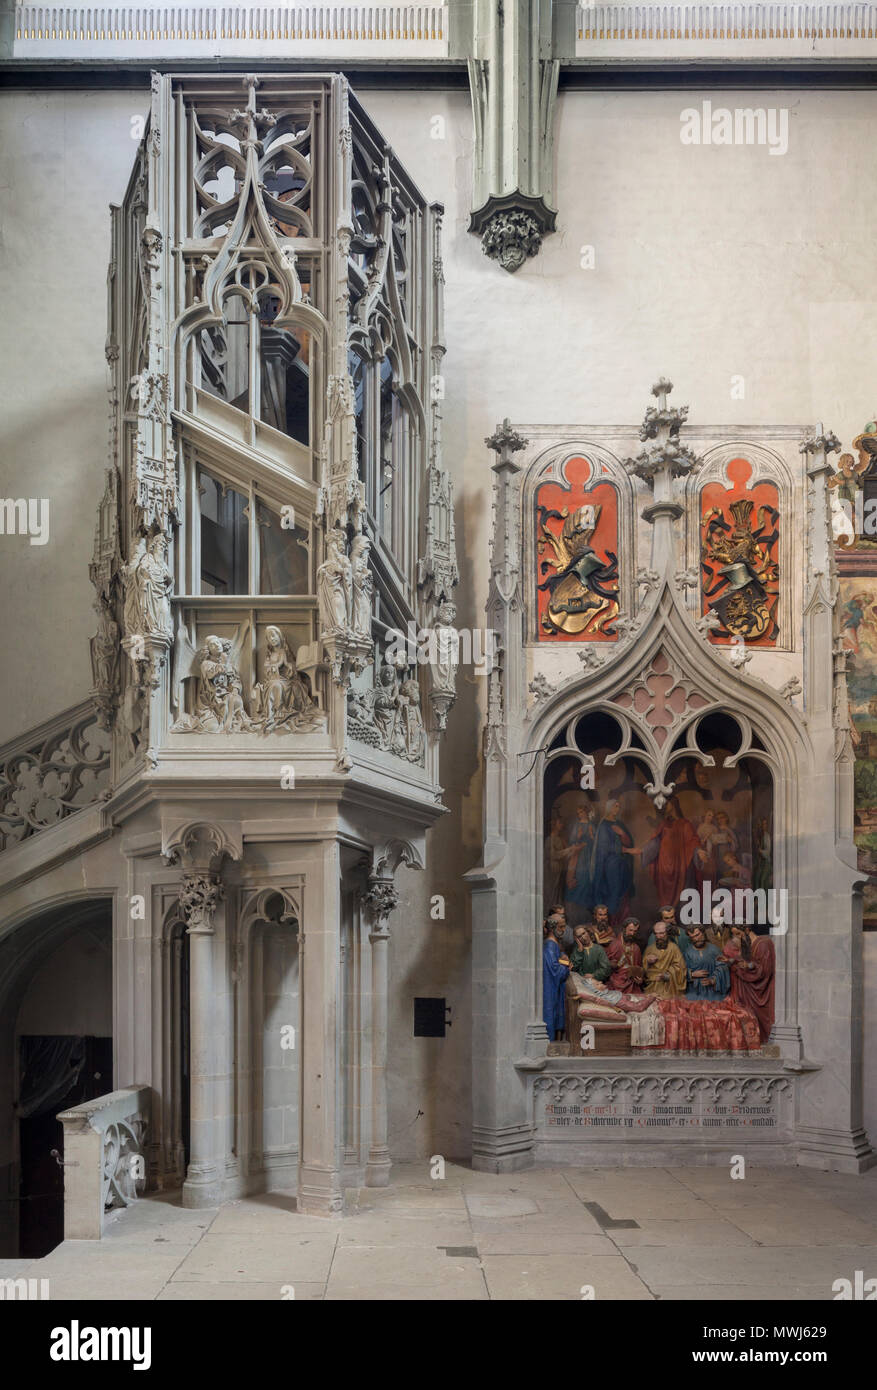 Konstanz, Münster, Sog. 'Schnegg', Treppenturm im Nordquerhaus. Rechts Wandgrab des Domherrn Franz Soler von Richtemberg, Tod Mariens um 1460 - Stock Image